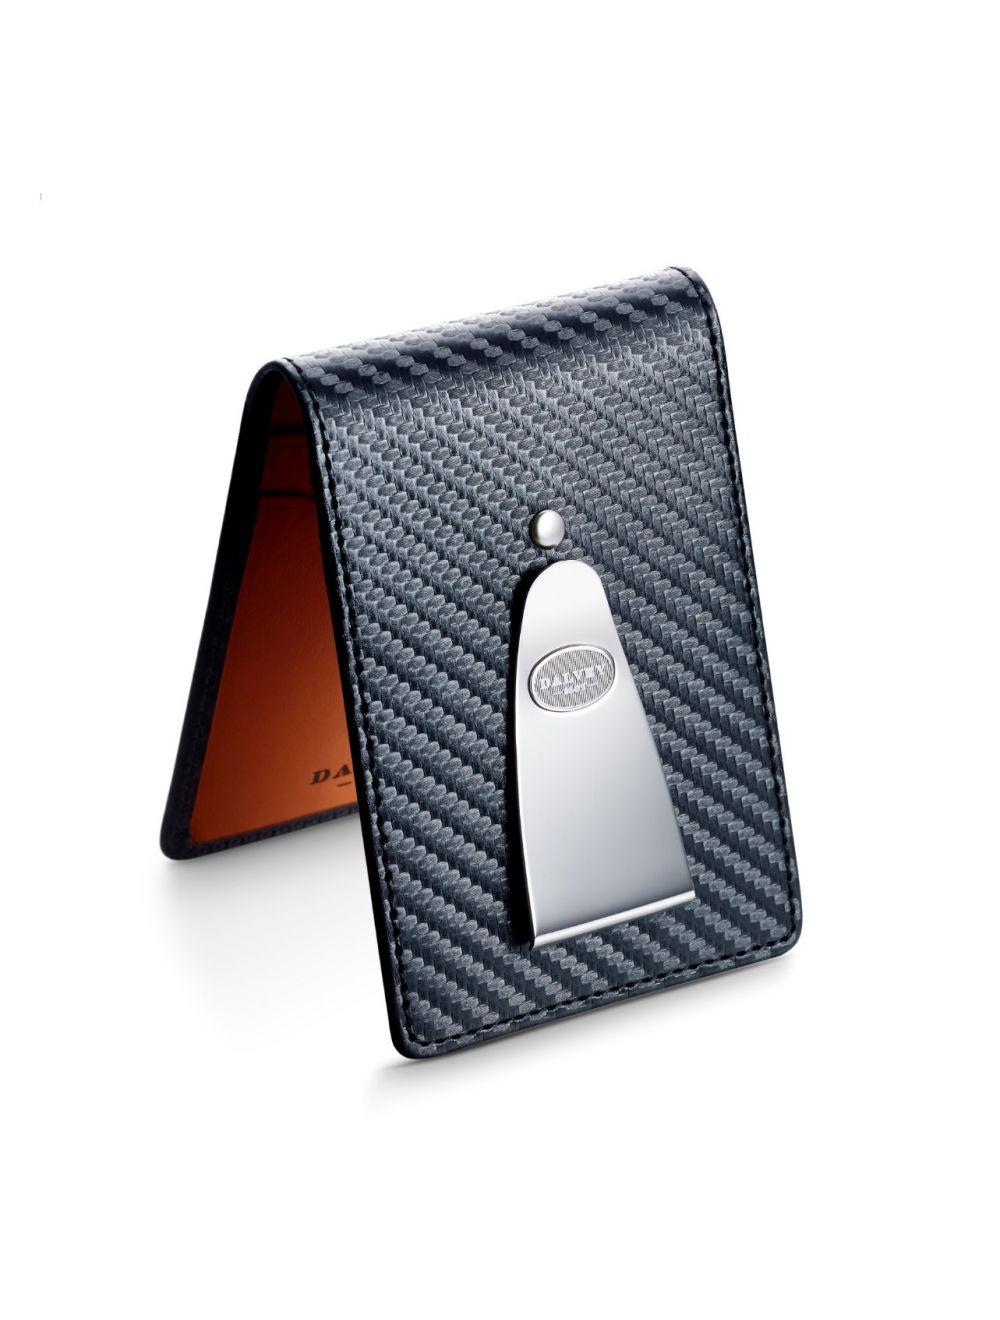 Dalvey gents wallet with vibrant orange & carbon fibre leather